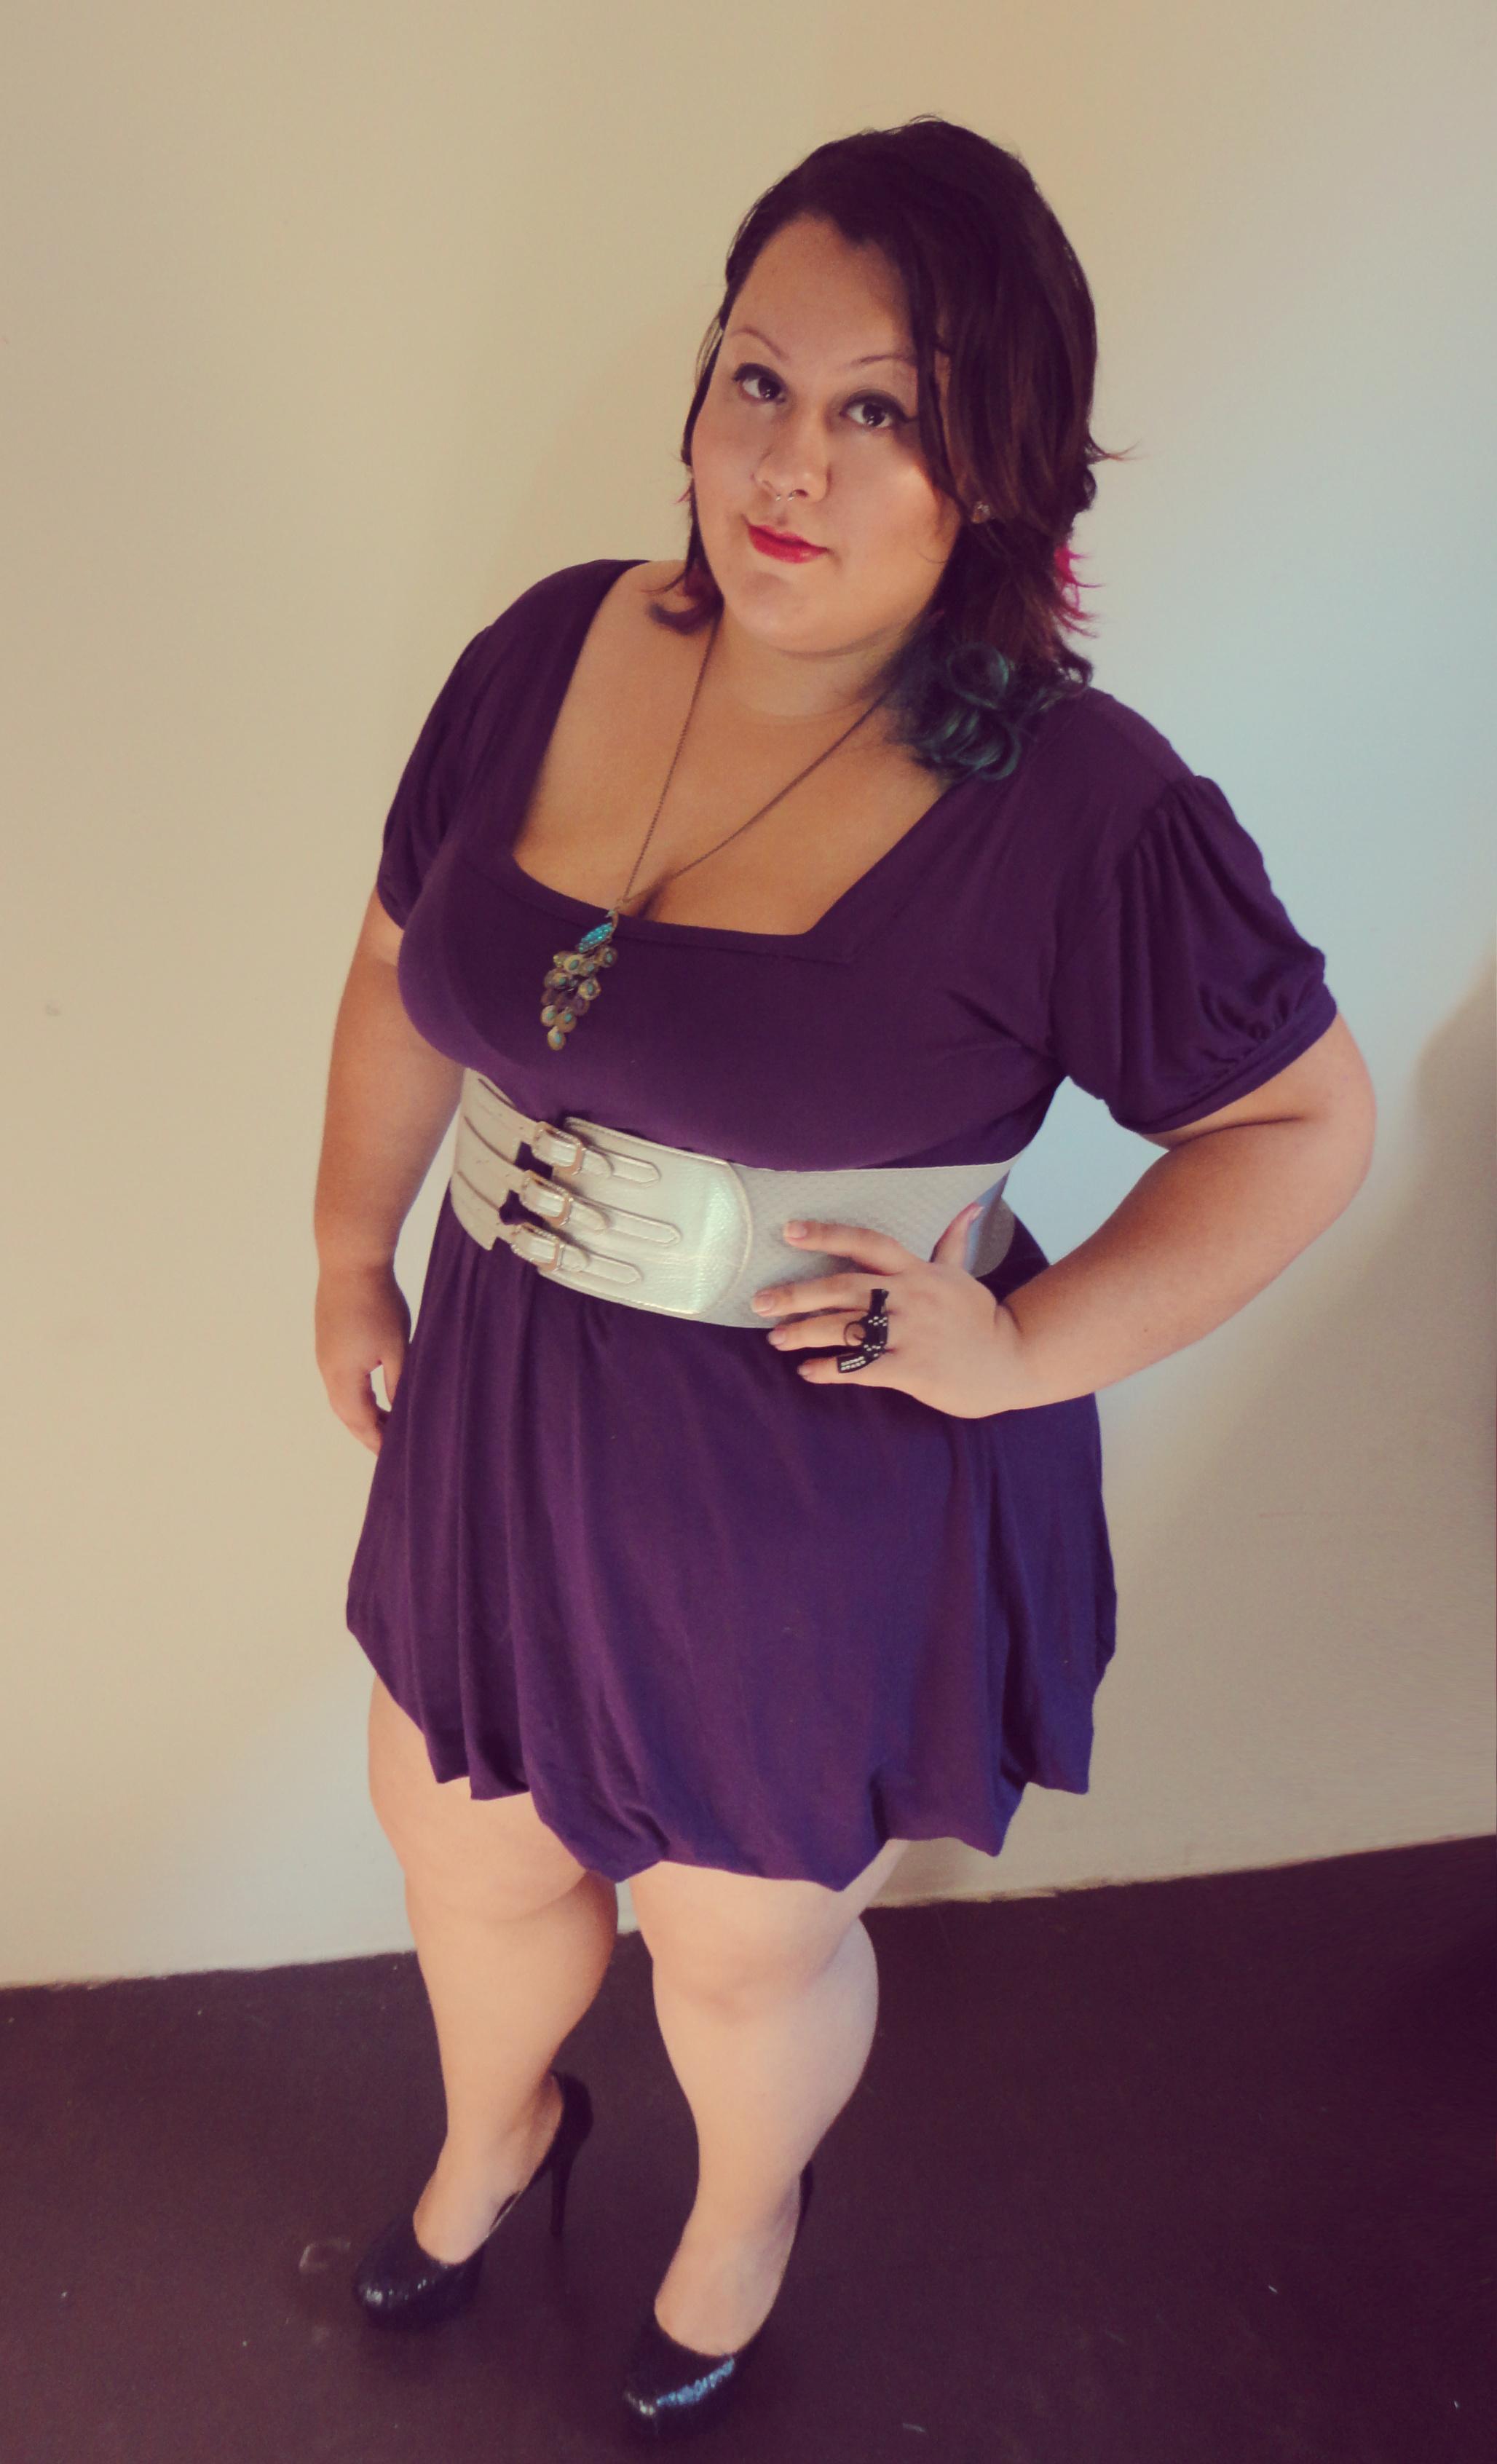 Stephanie Ciciliatti, do blog A grande diferença. O vestido ela pediu para a mãe costurar especialmente pra ela e é cópia de um de Beth que ela viu e amou!